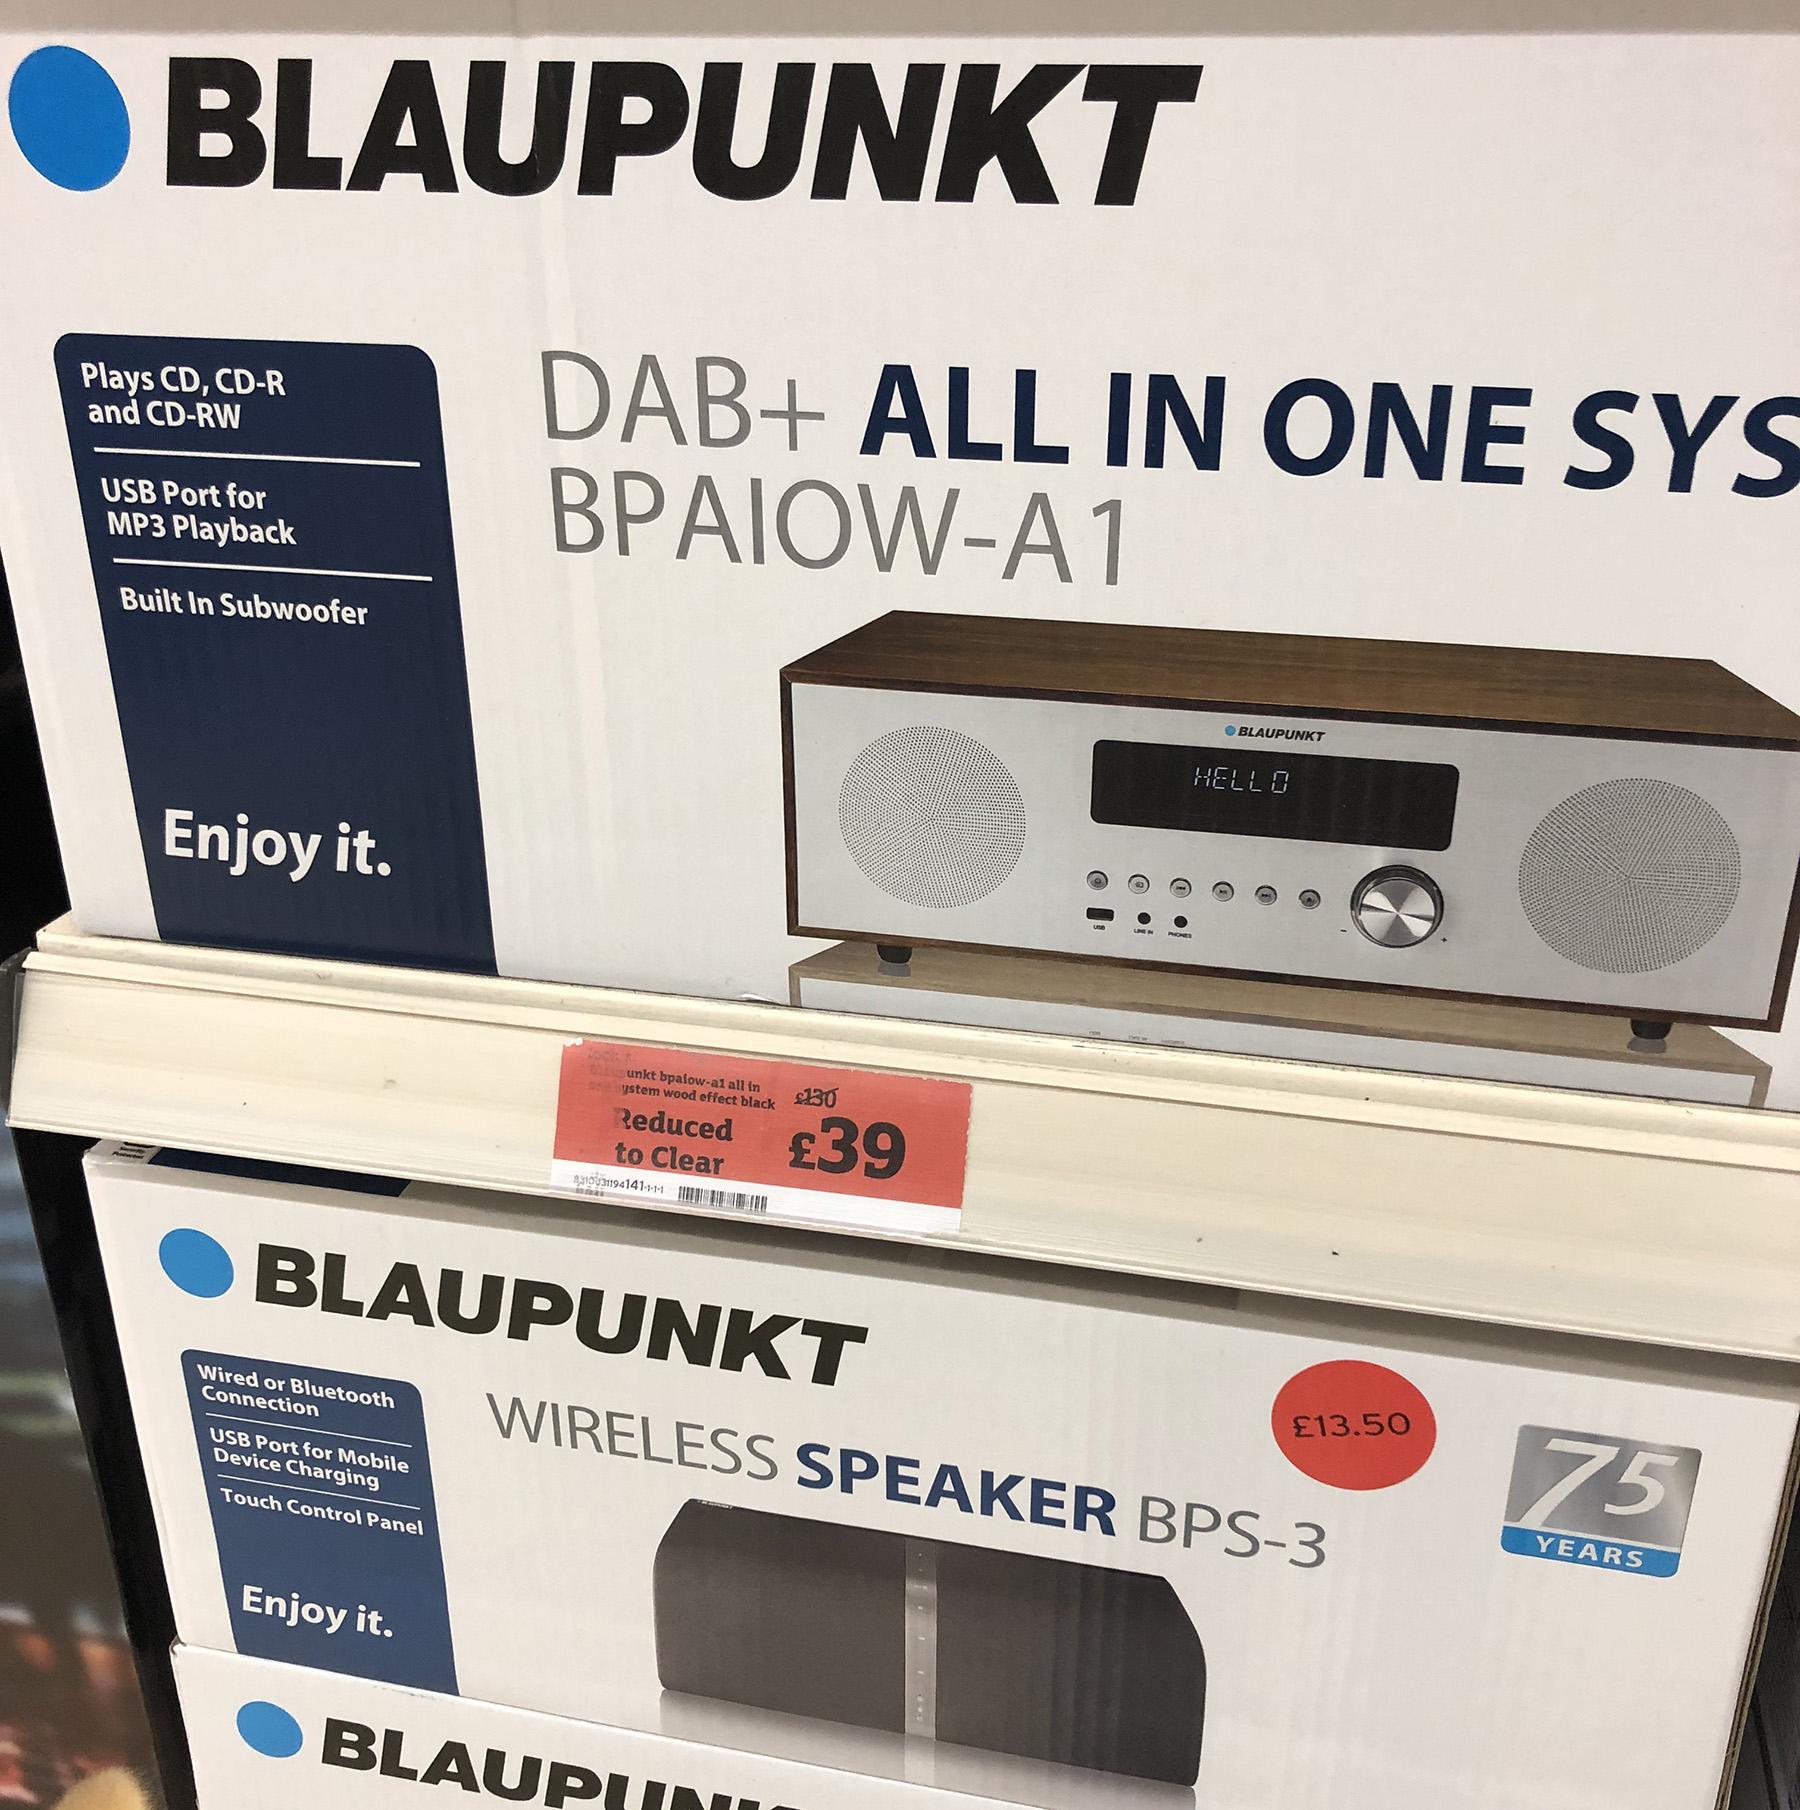 Blaupunkt All In One System CD Player DAB FM Radio (BPAIOW